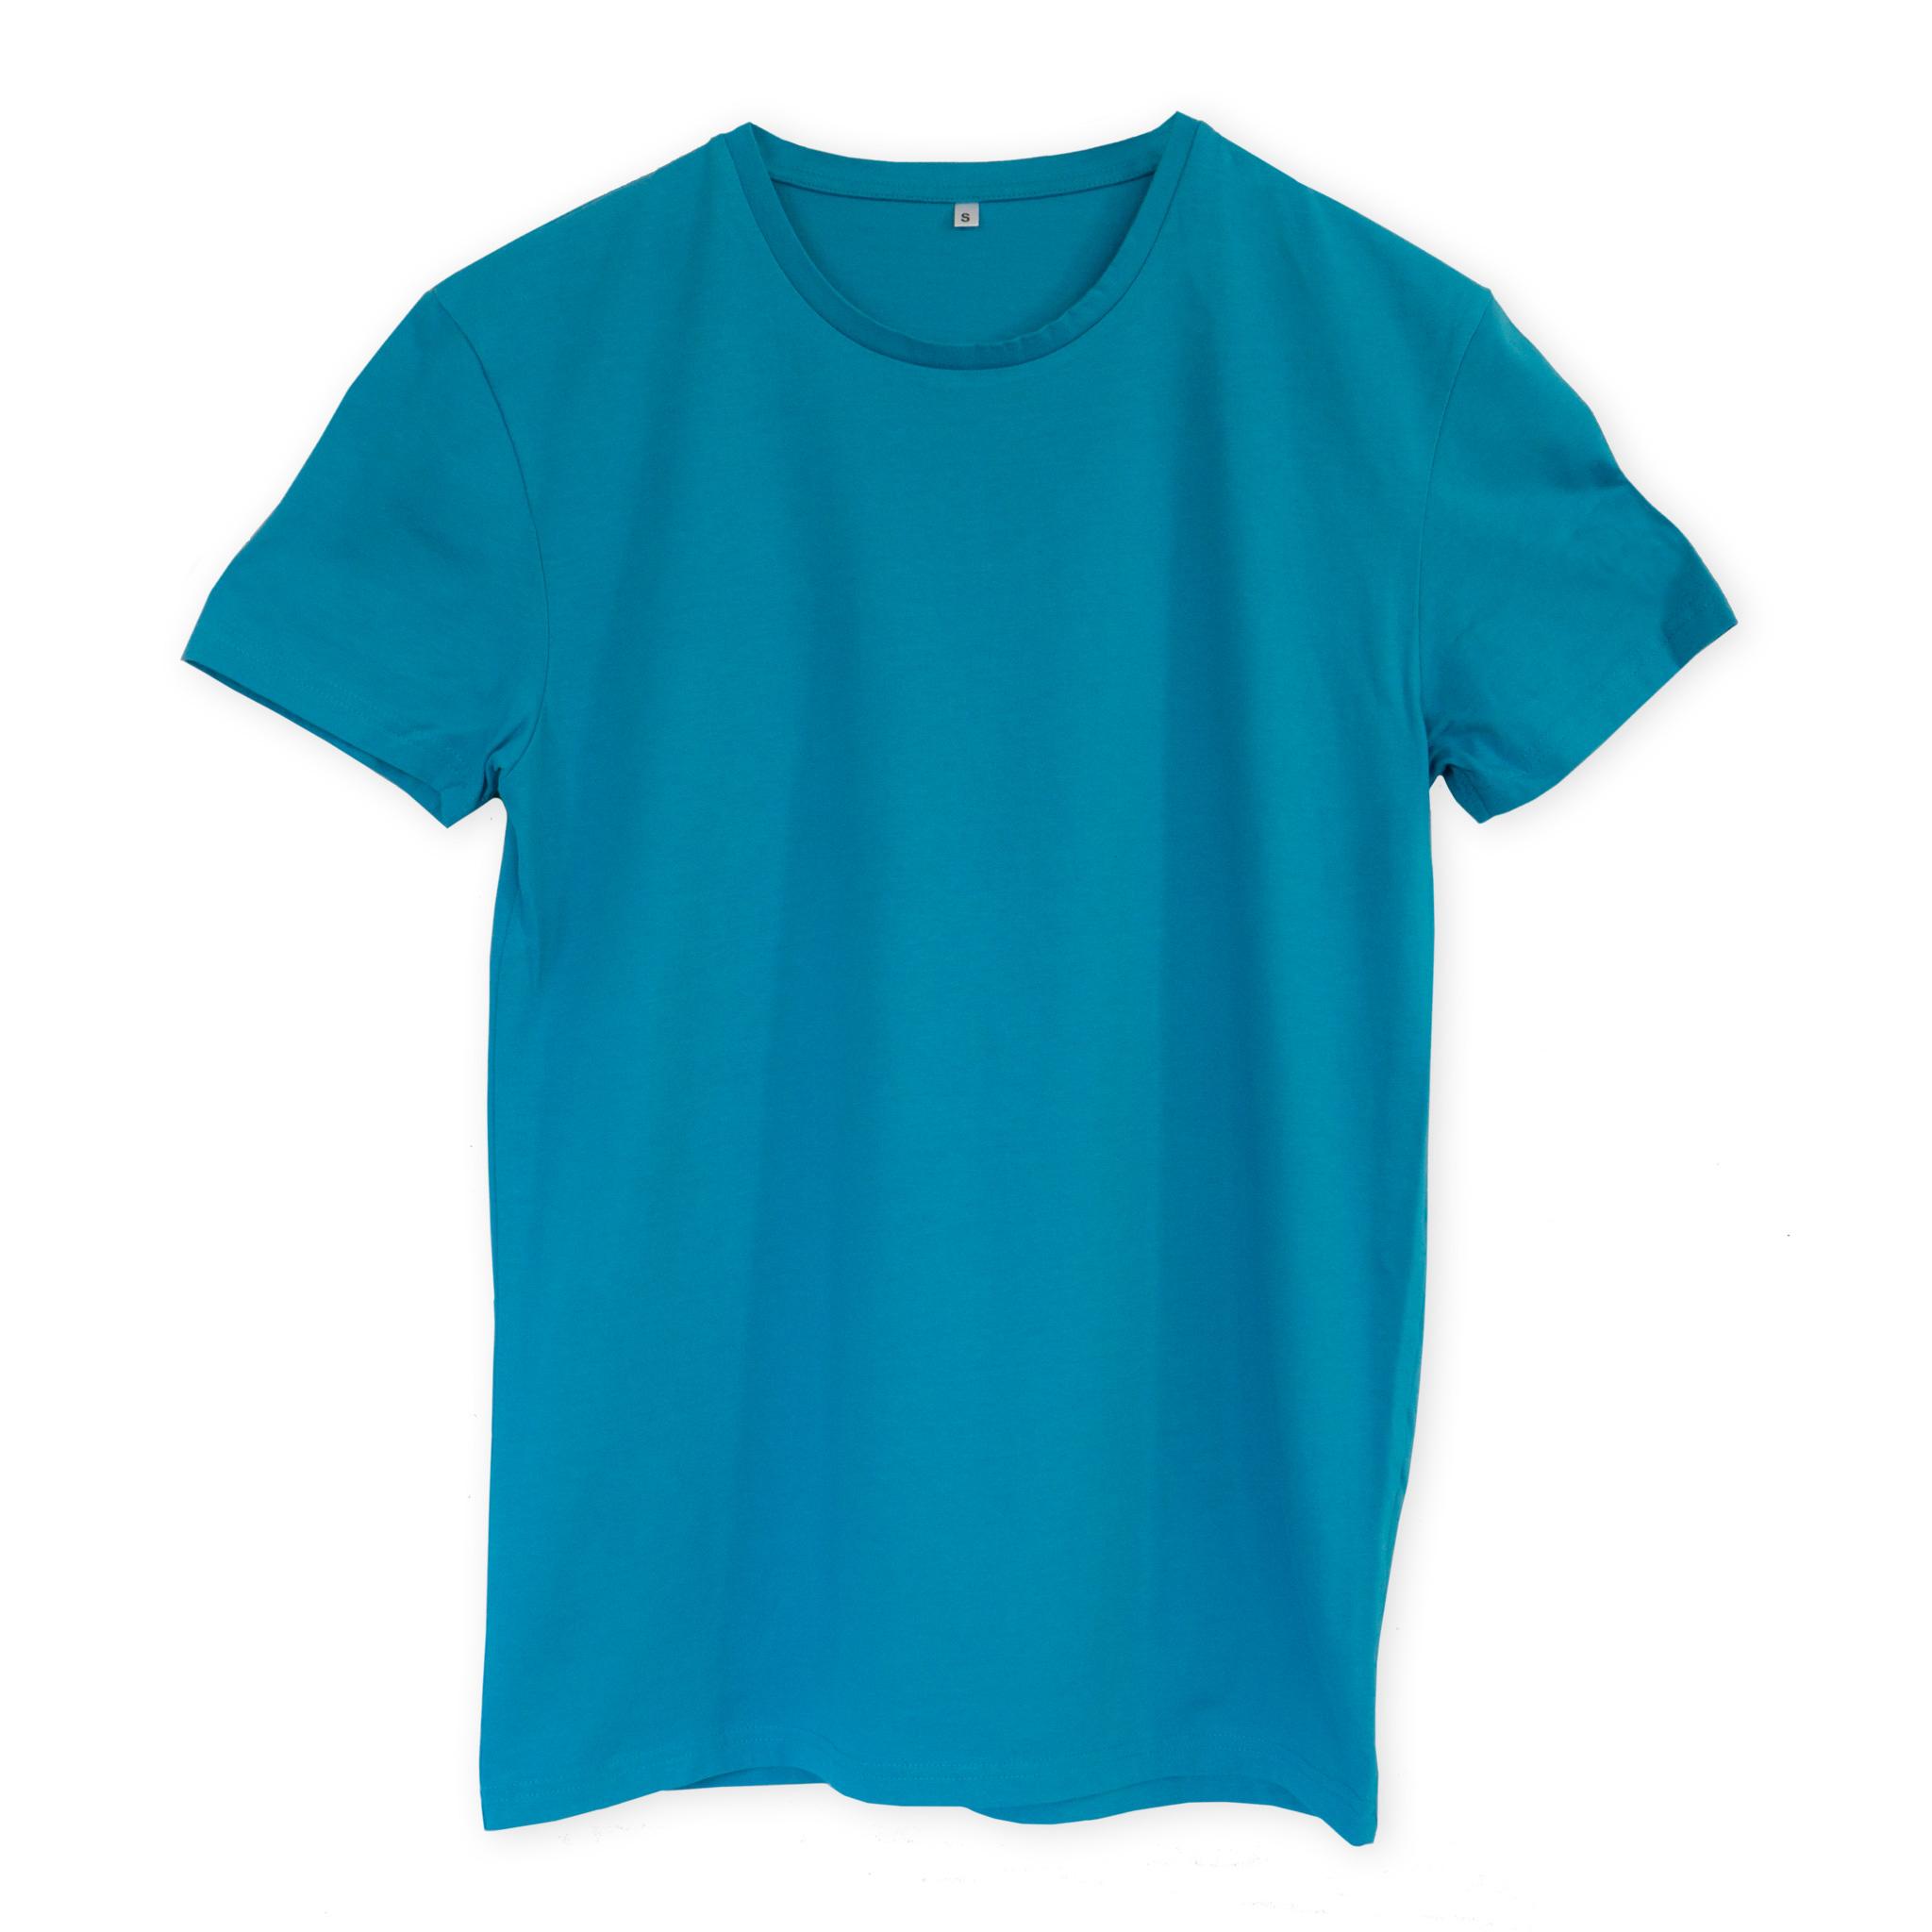 T-shirt_men